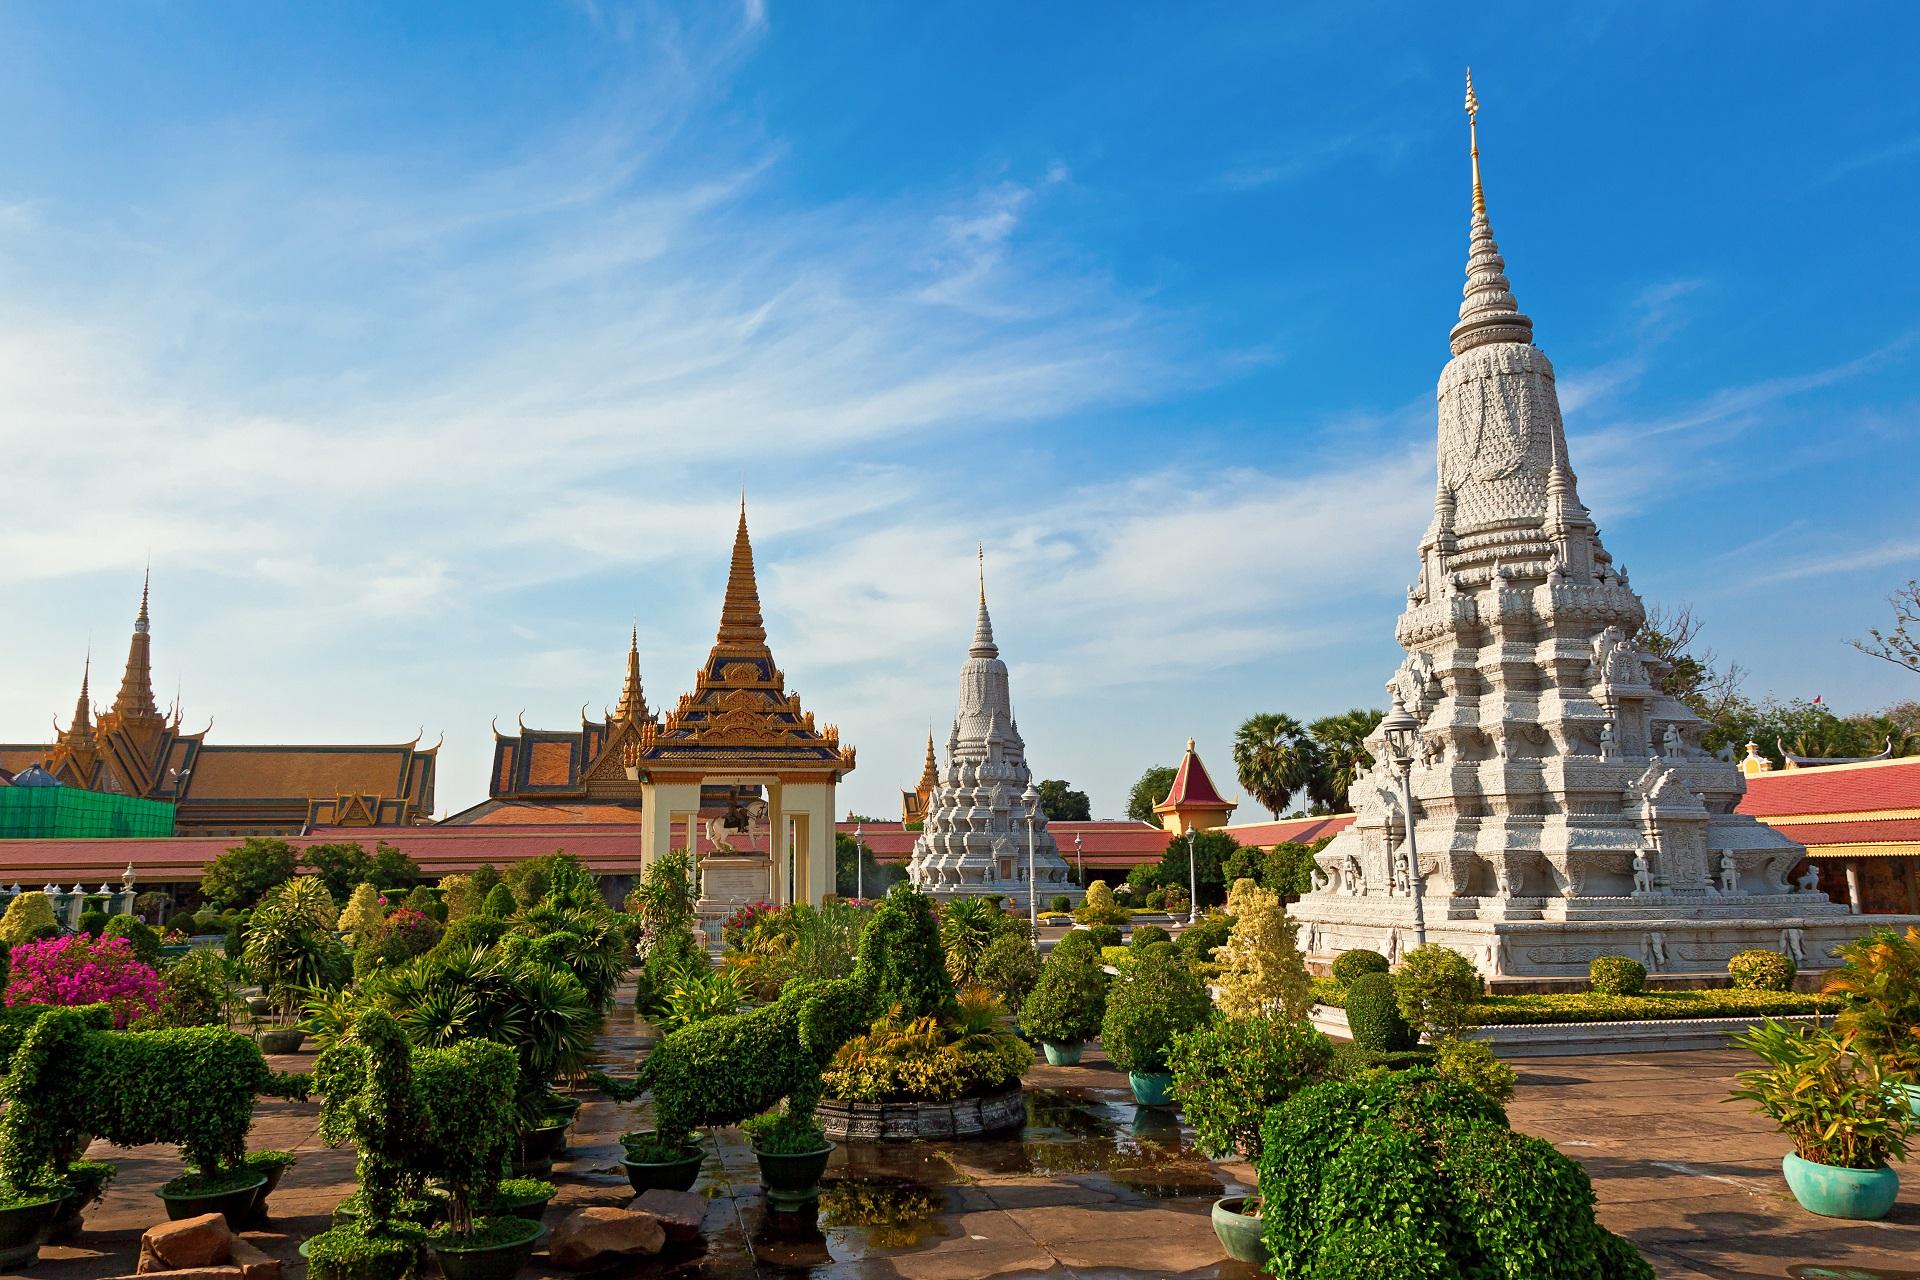 Kambodscha ist eine wahre Destination für Profibackpacker